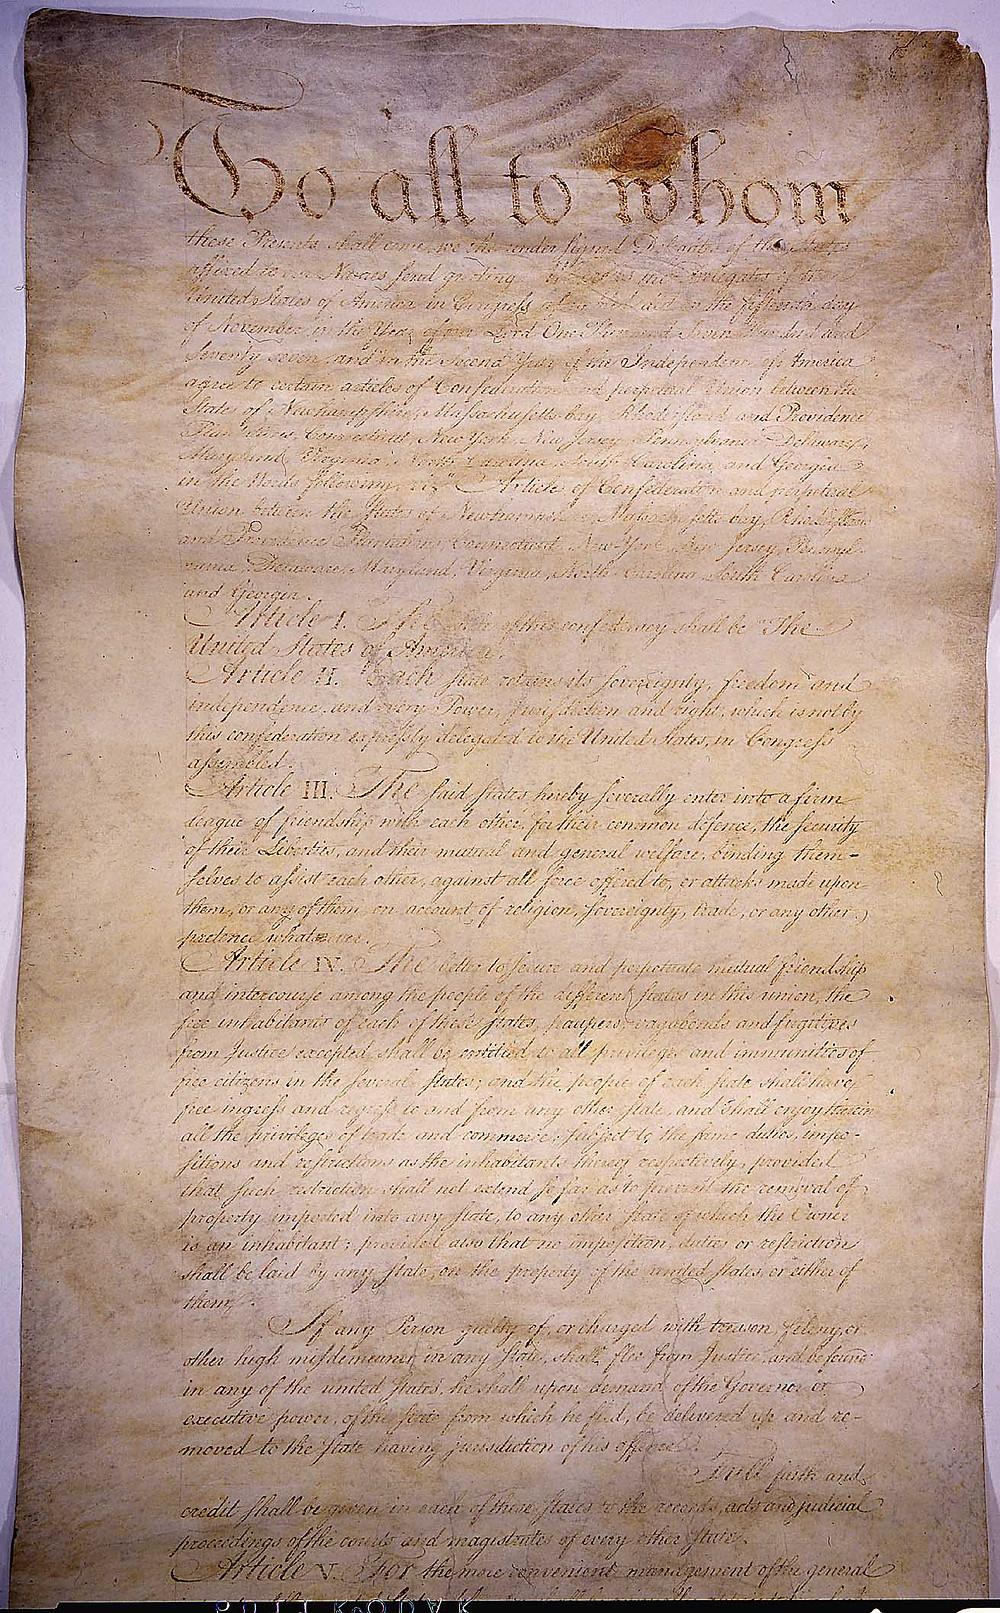 《邦聯和永久聯合條例》